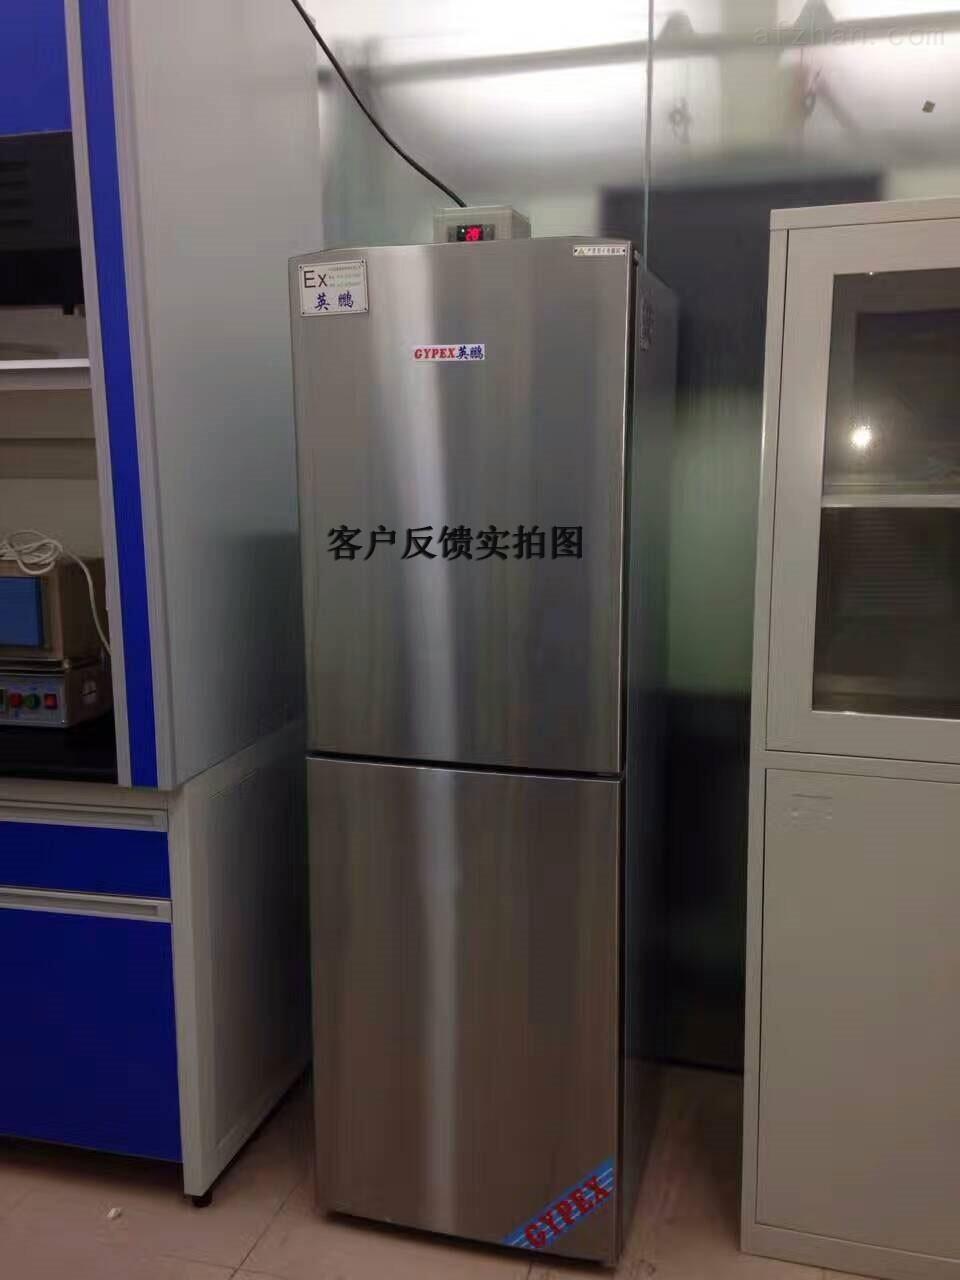 天水市双门防爆冰箱